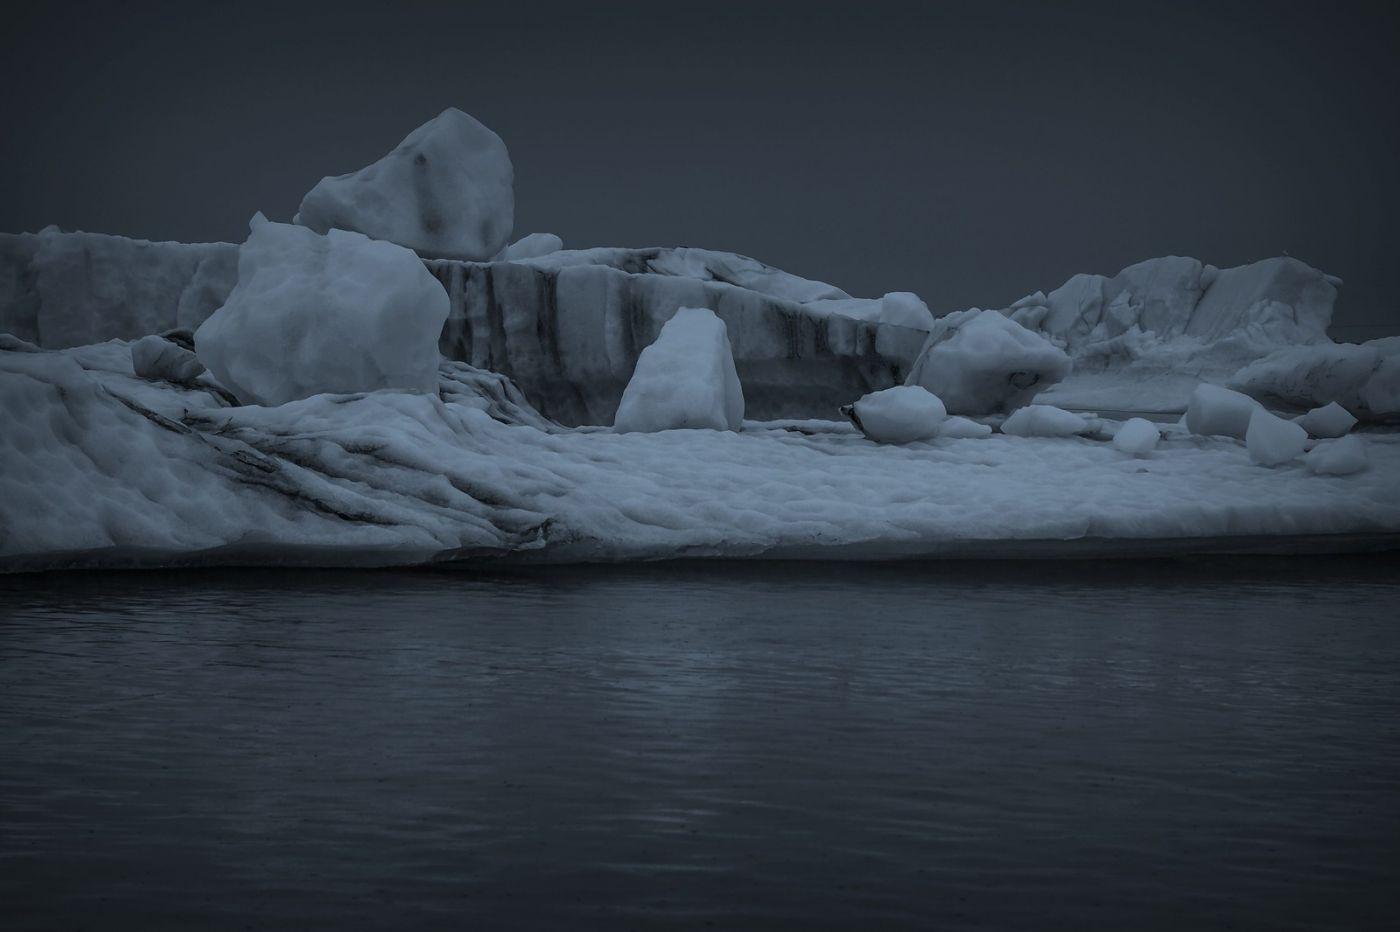 冰岛冰川泻湖(Glacier Lagoon), 湖面上冰川_图1-13